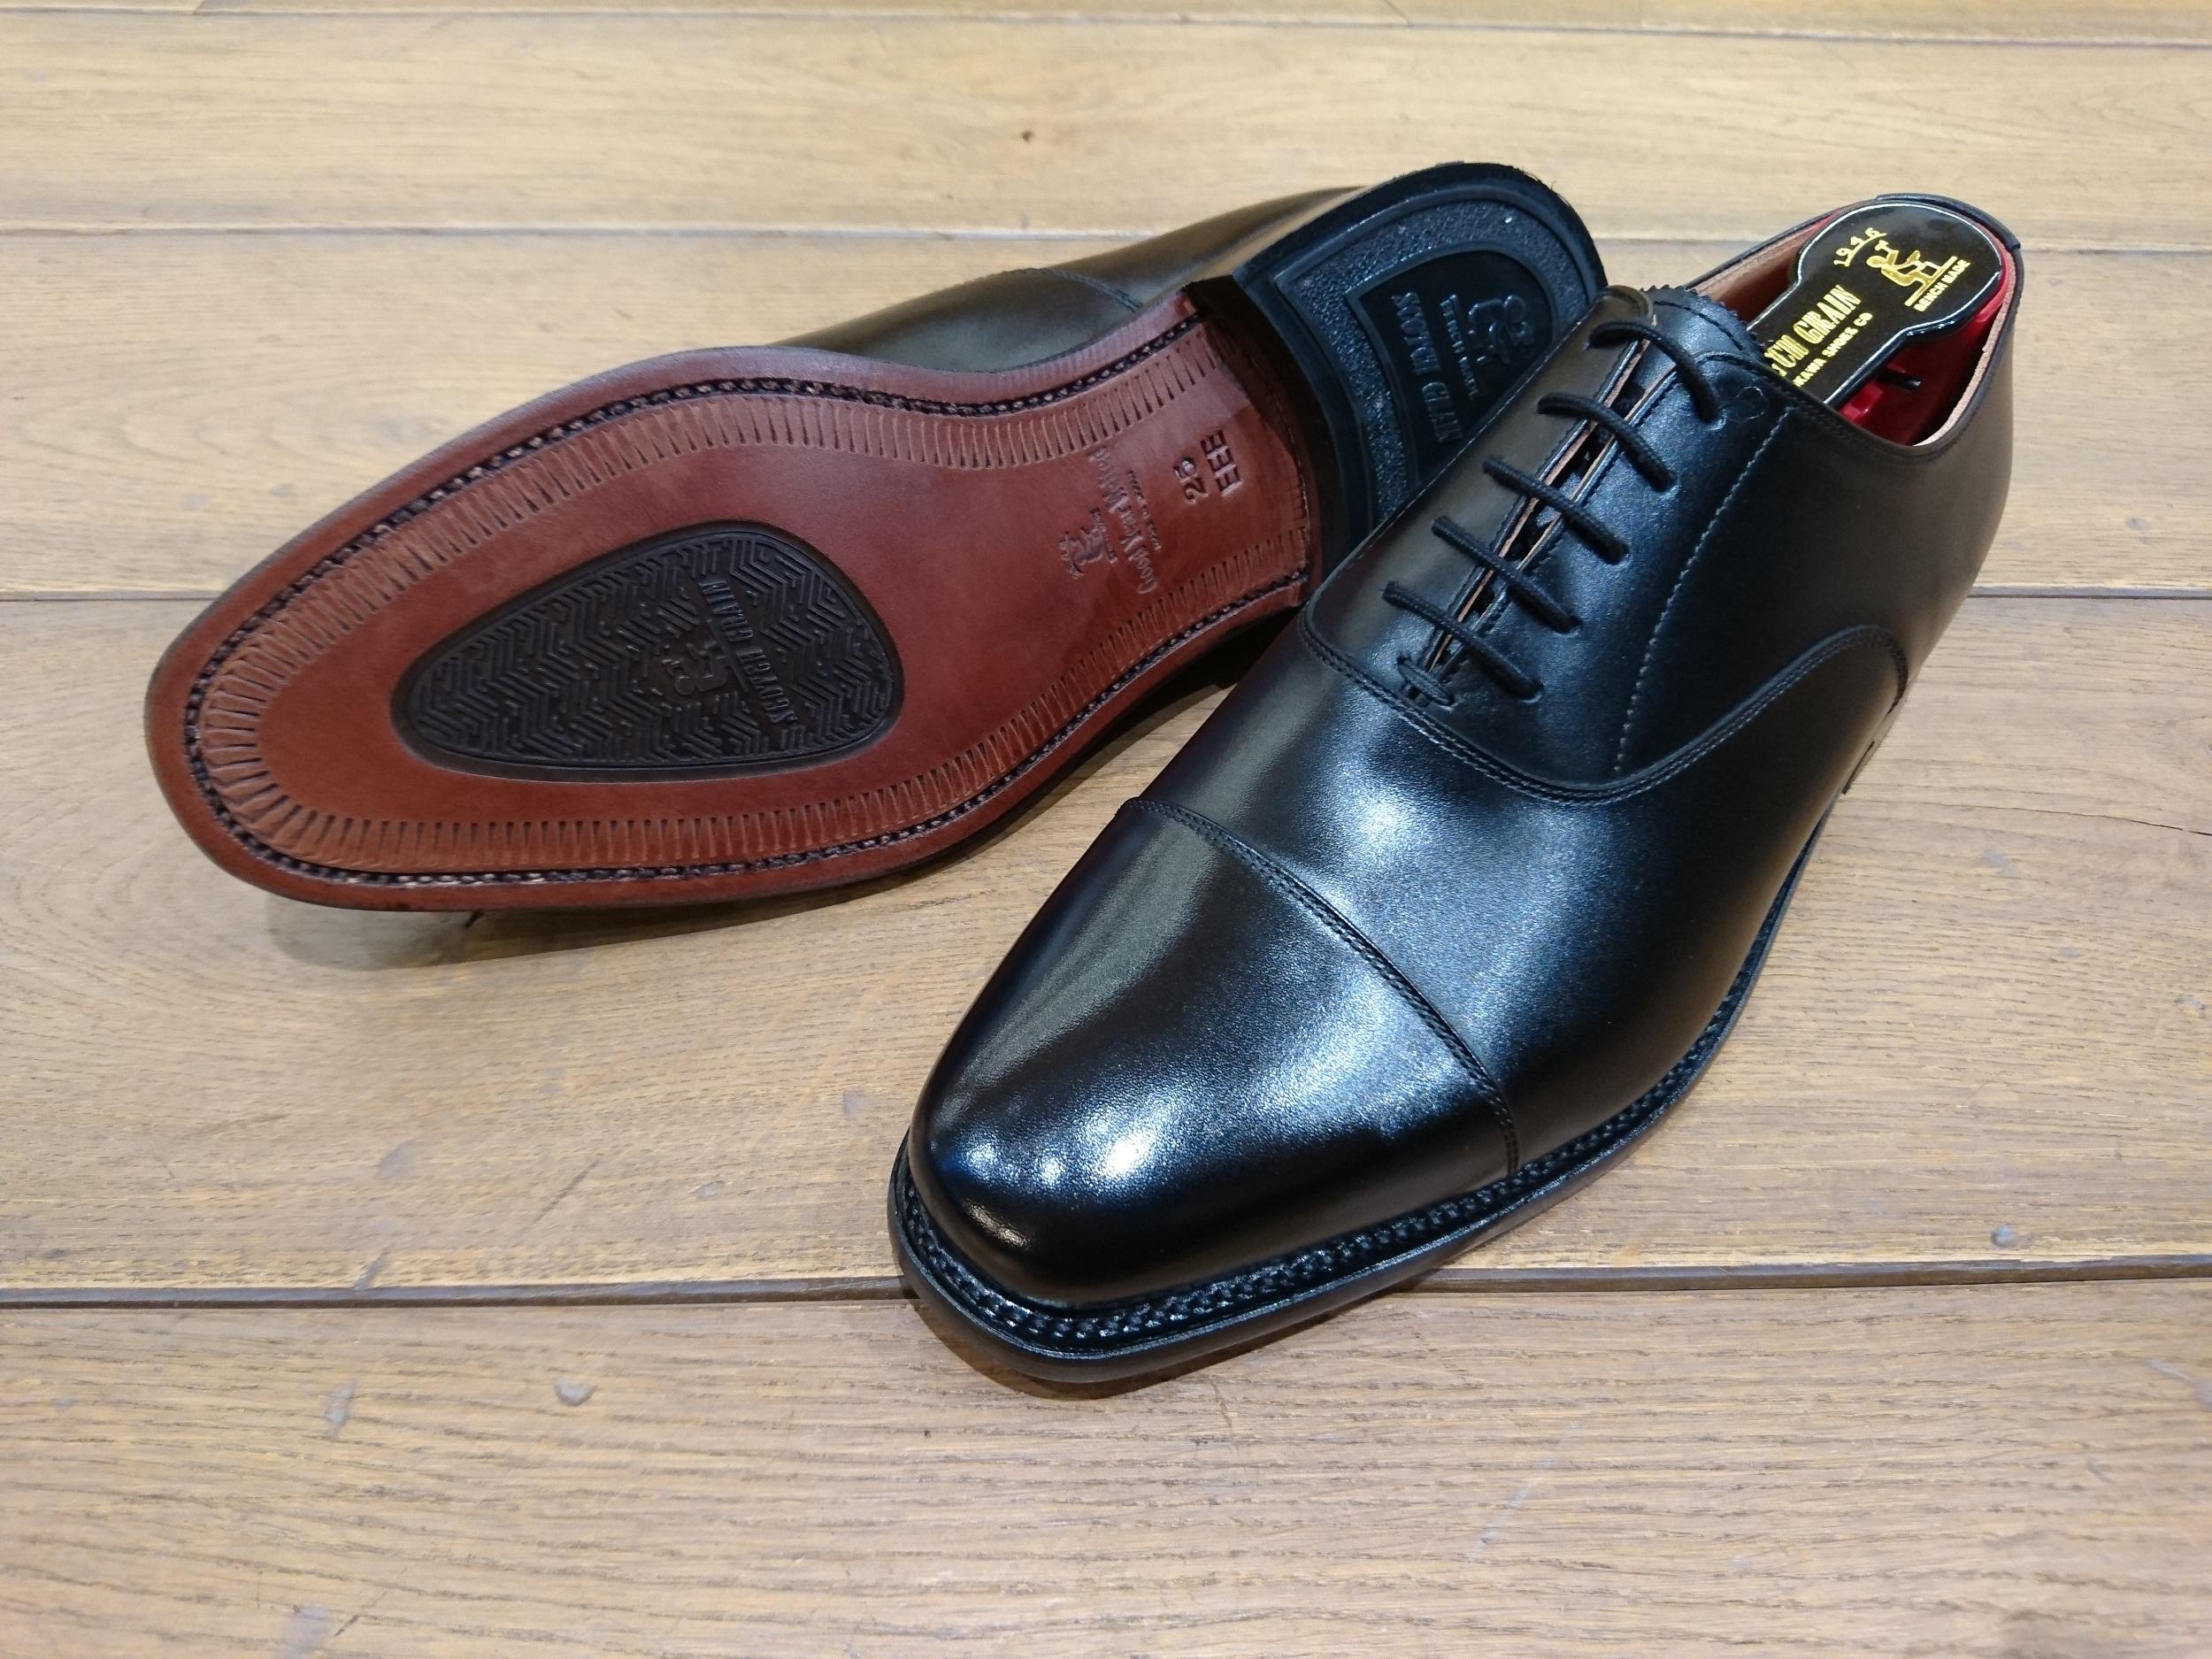 グレイン レイン スコッチ シャイン オア スコッチグレインの革靴「シャインオアレイン」なら雨の日でも快適通勤!!